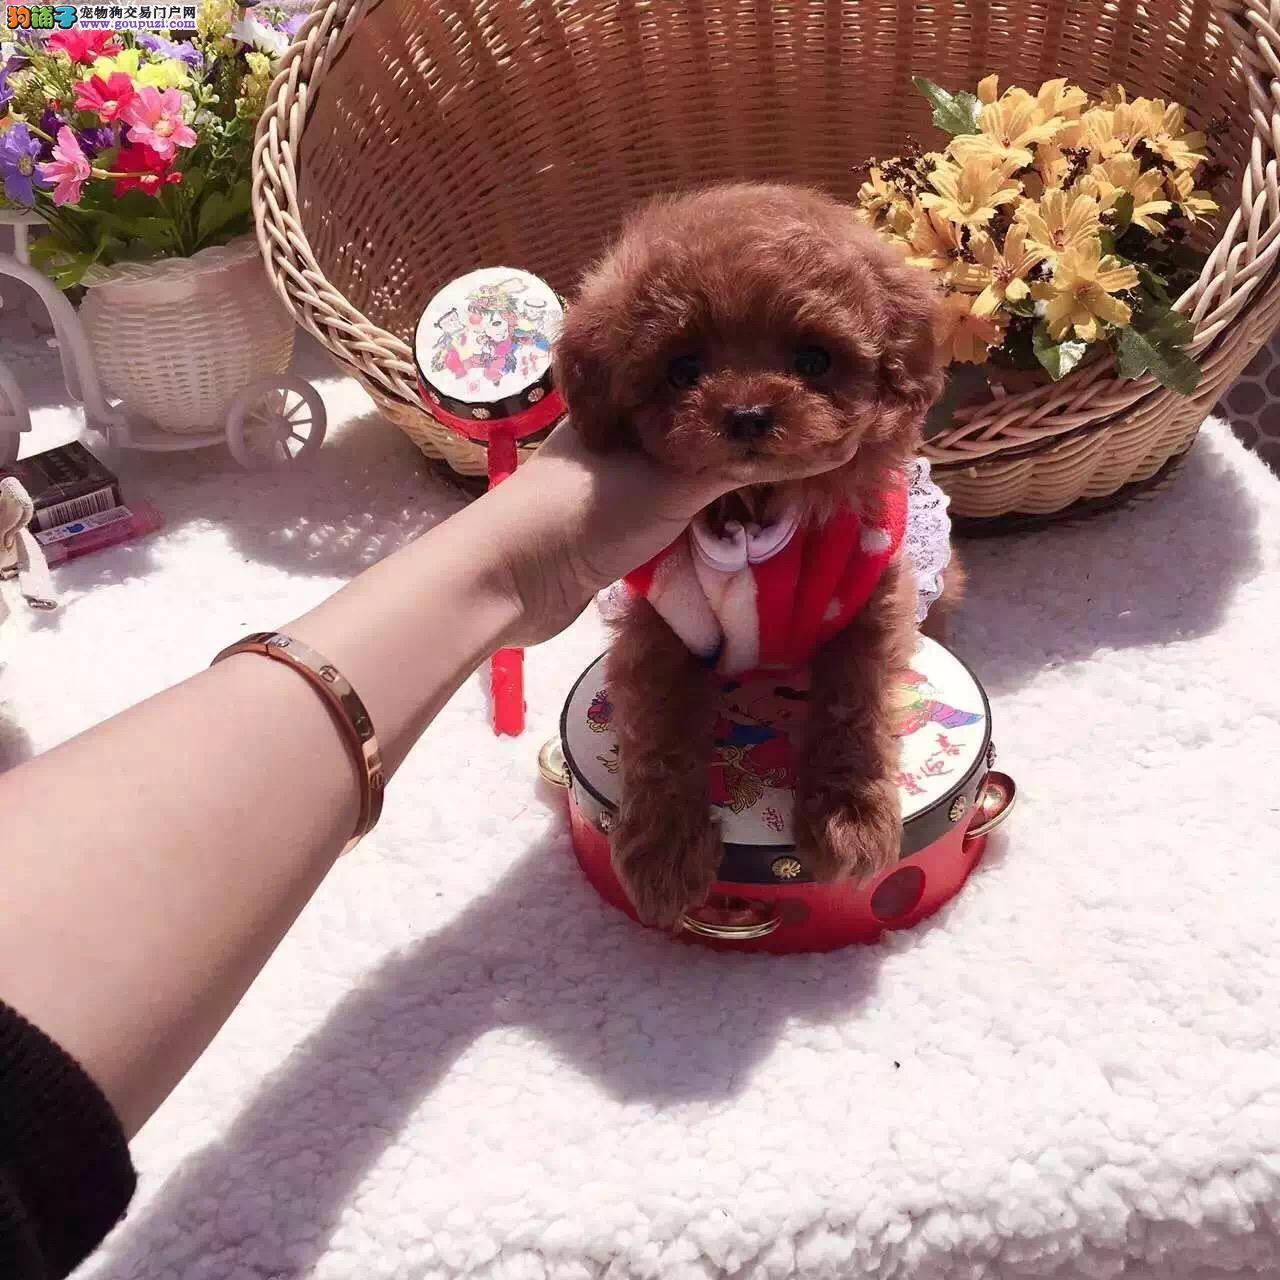 沈阳泰迪犬多少钱 纯种玩具小体灰色泰迪哪里有卖